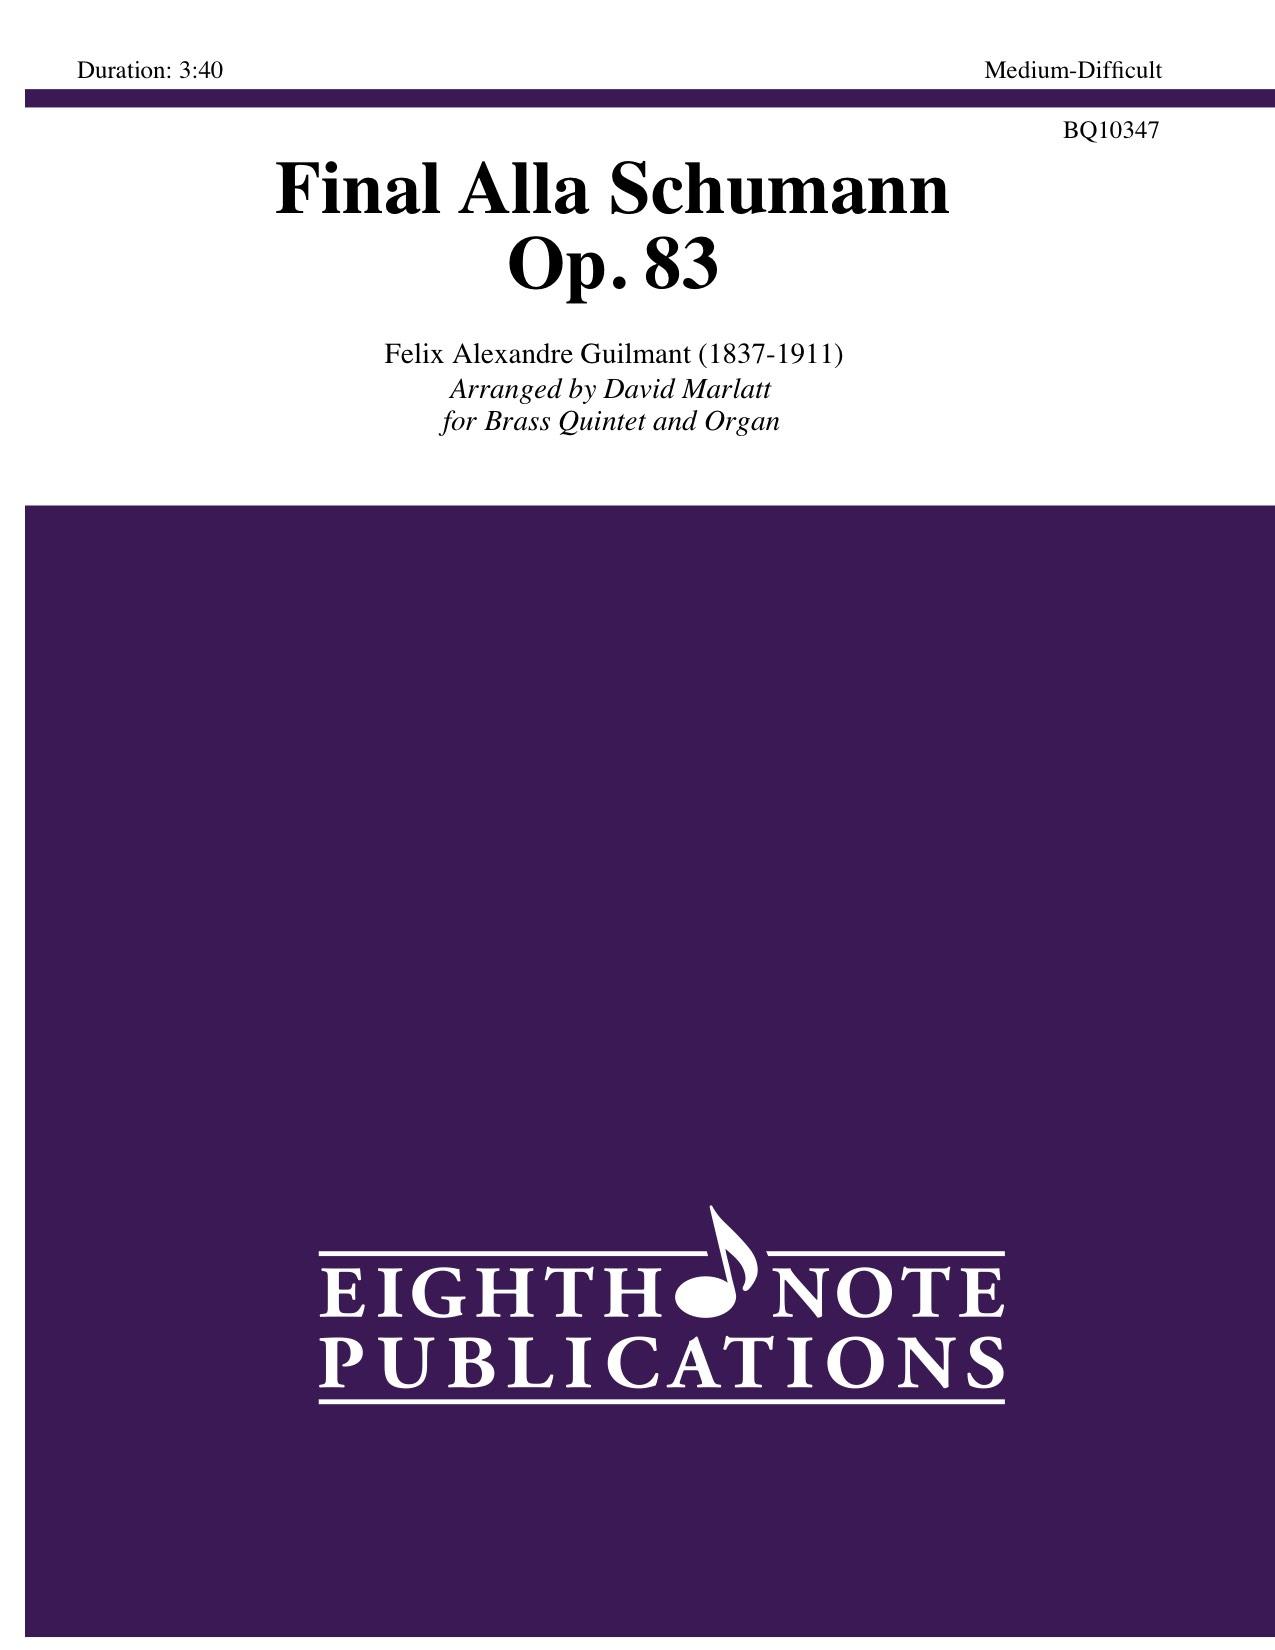 Final Alla Schumann - Op. 83 - Felix Alexandre Guilmant